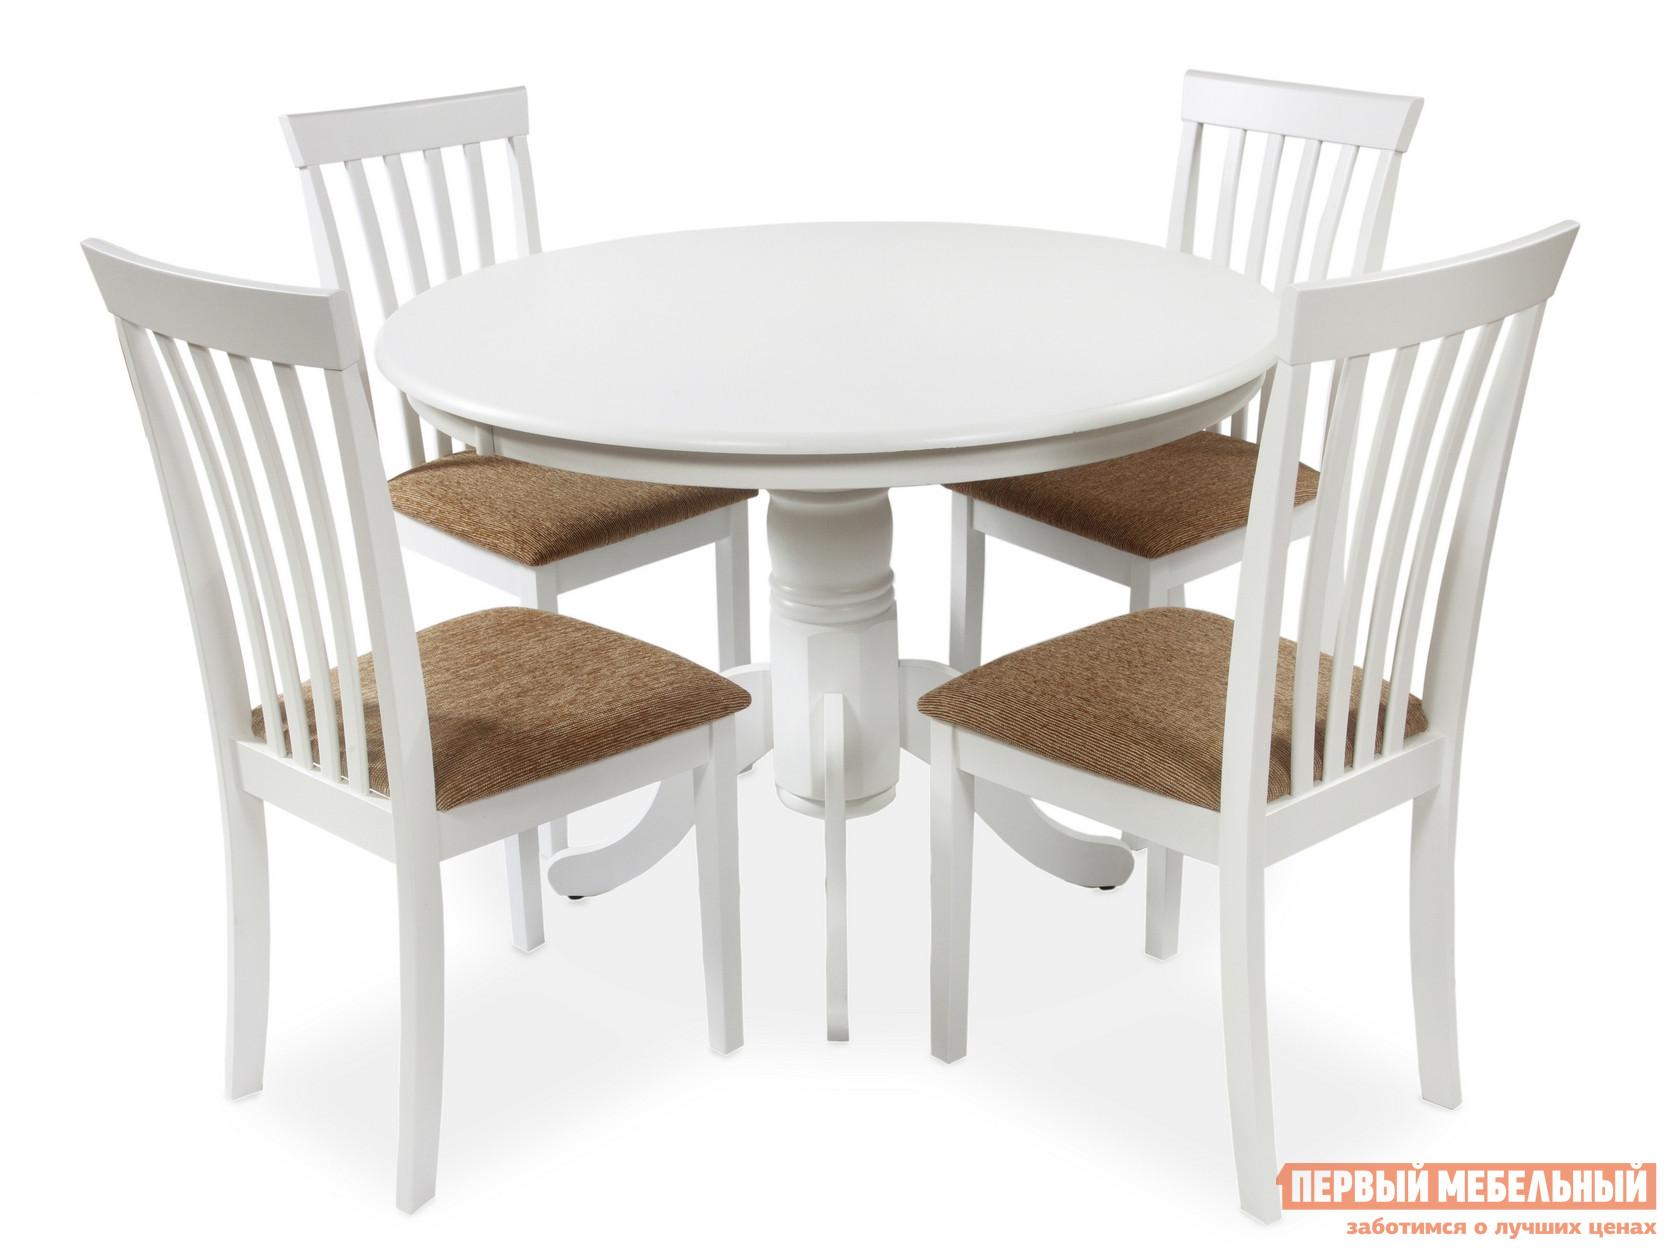 Обеденная группа для столовой и гостиной Mr. Kim Стол 2191 (wh) +стулья 2003 (wh) WHITE от Купистол